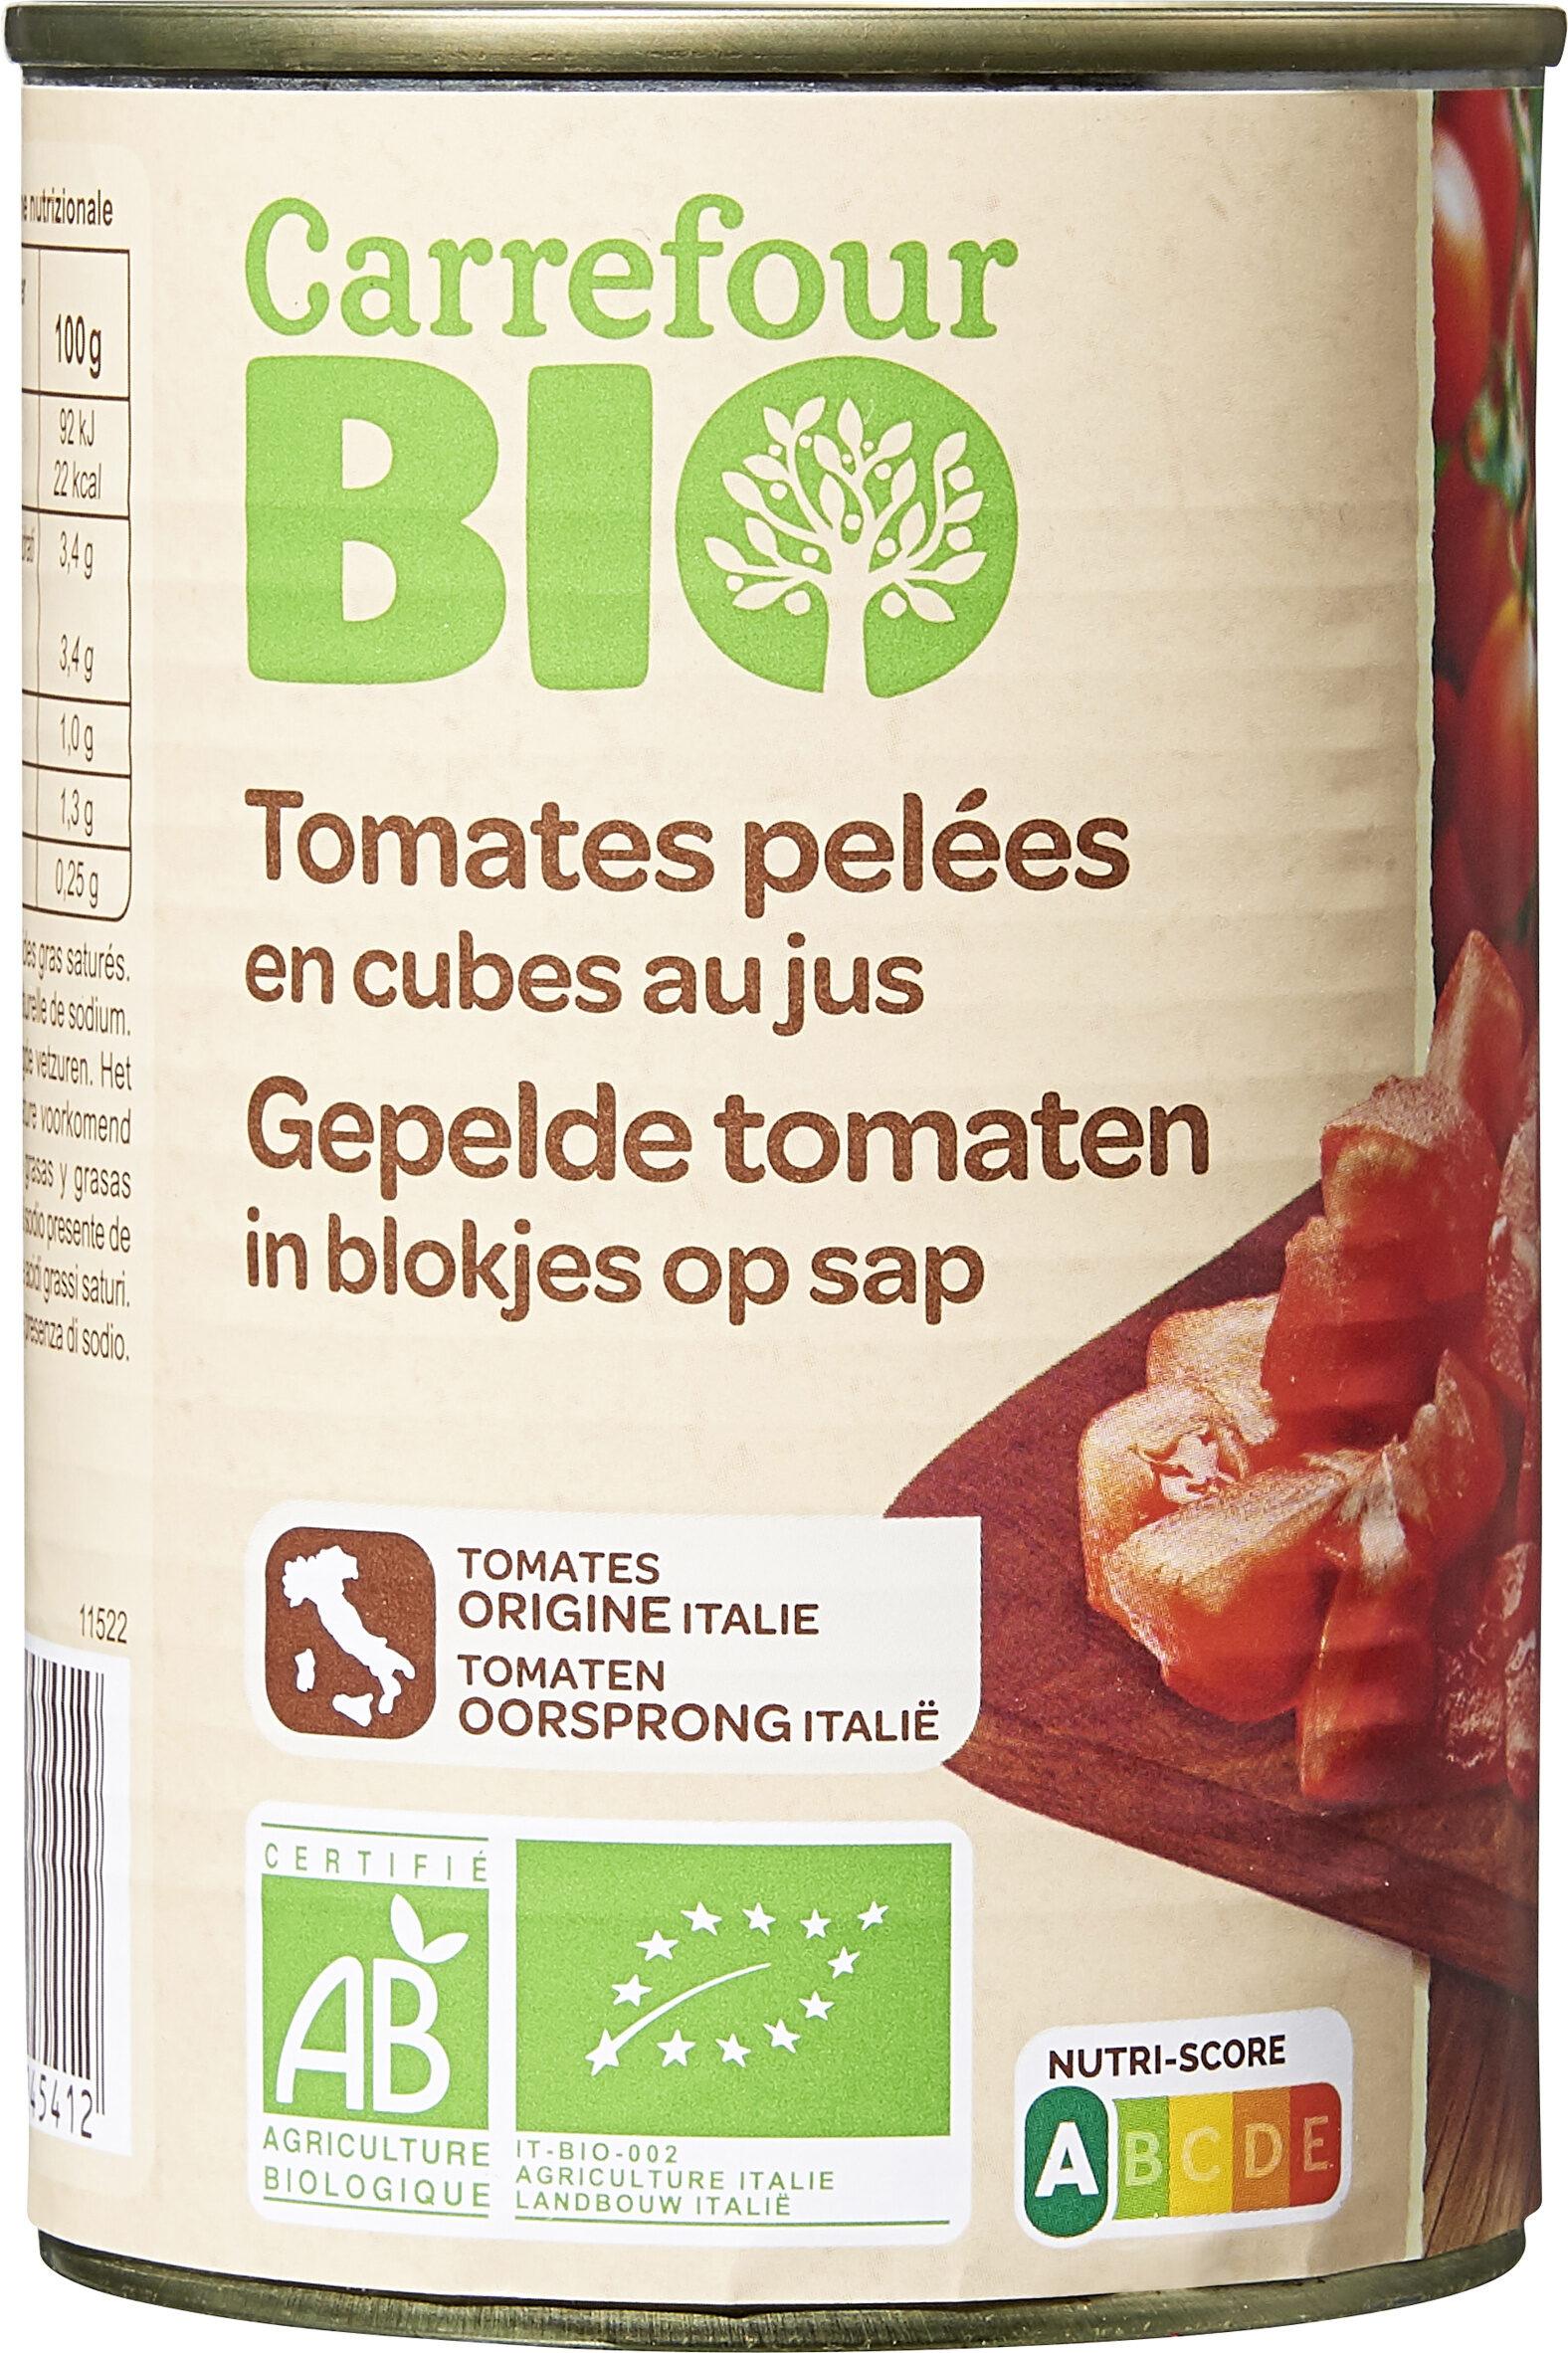 Tomates pelées en cubes au jus - Product - fr